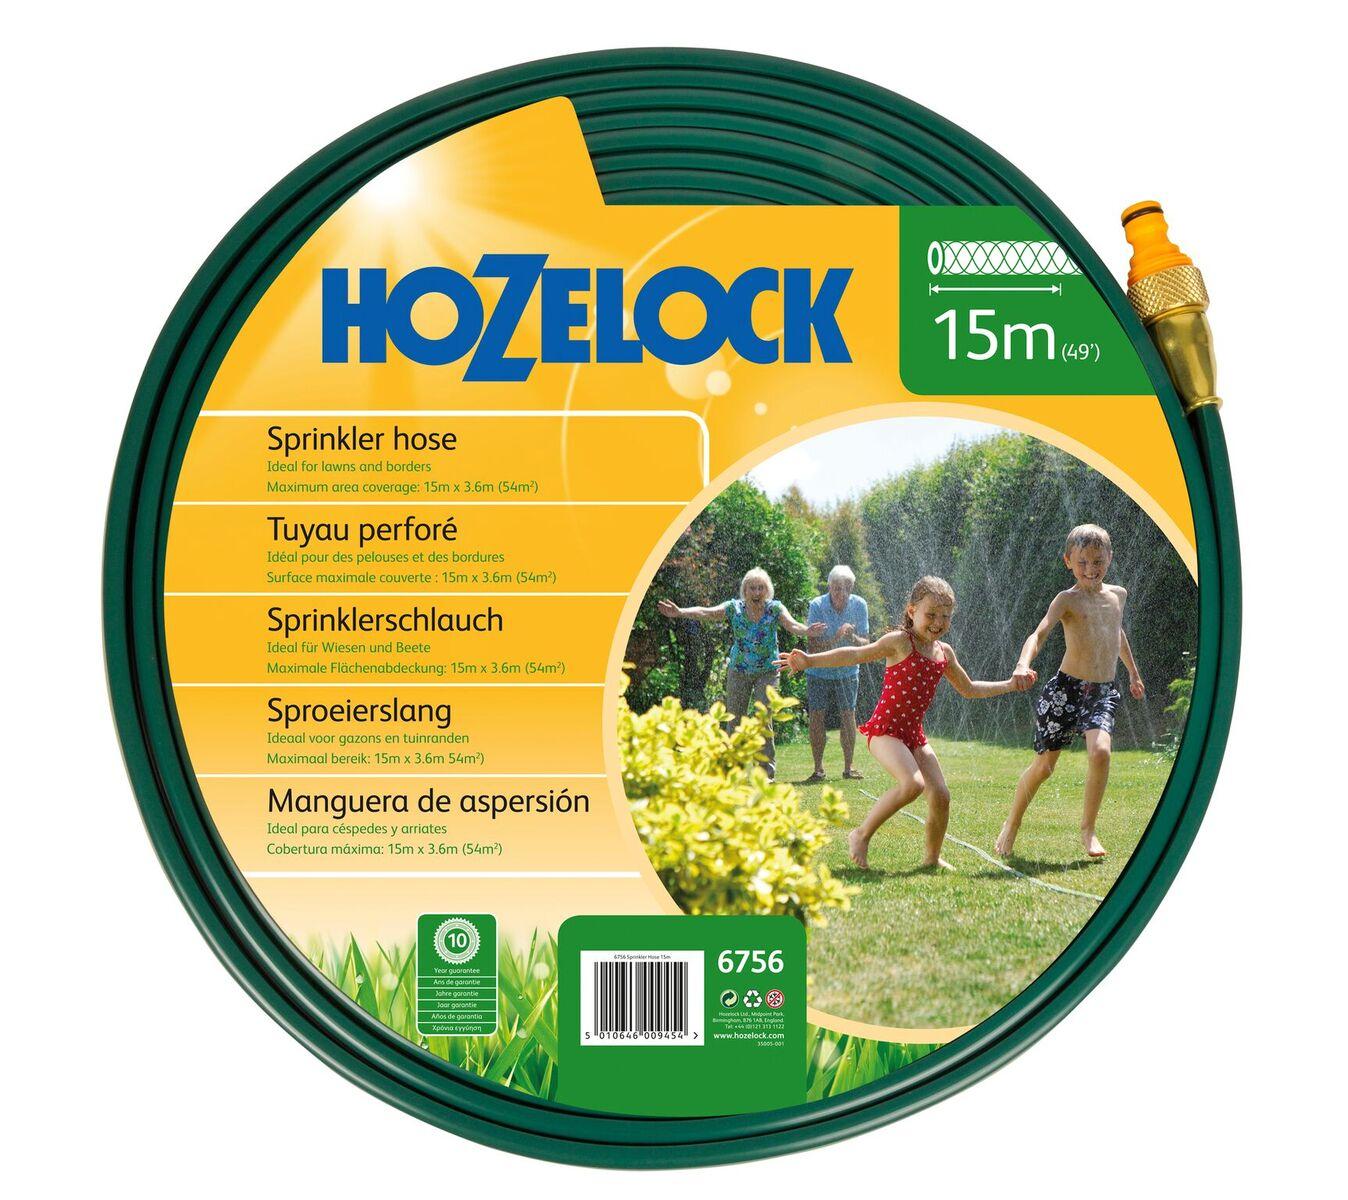 Шланг поливочный Hozelock 6756 разбрызгивающийся, 15 м + коннекторы, зеленый